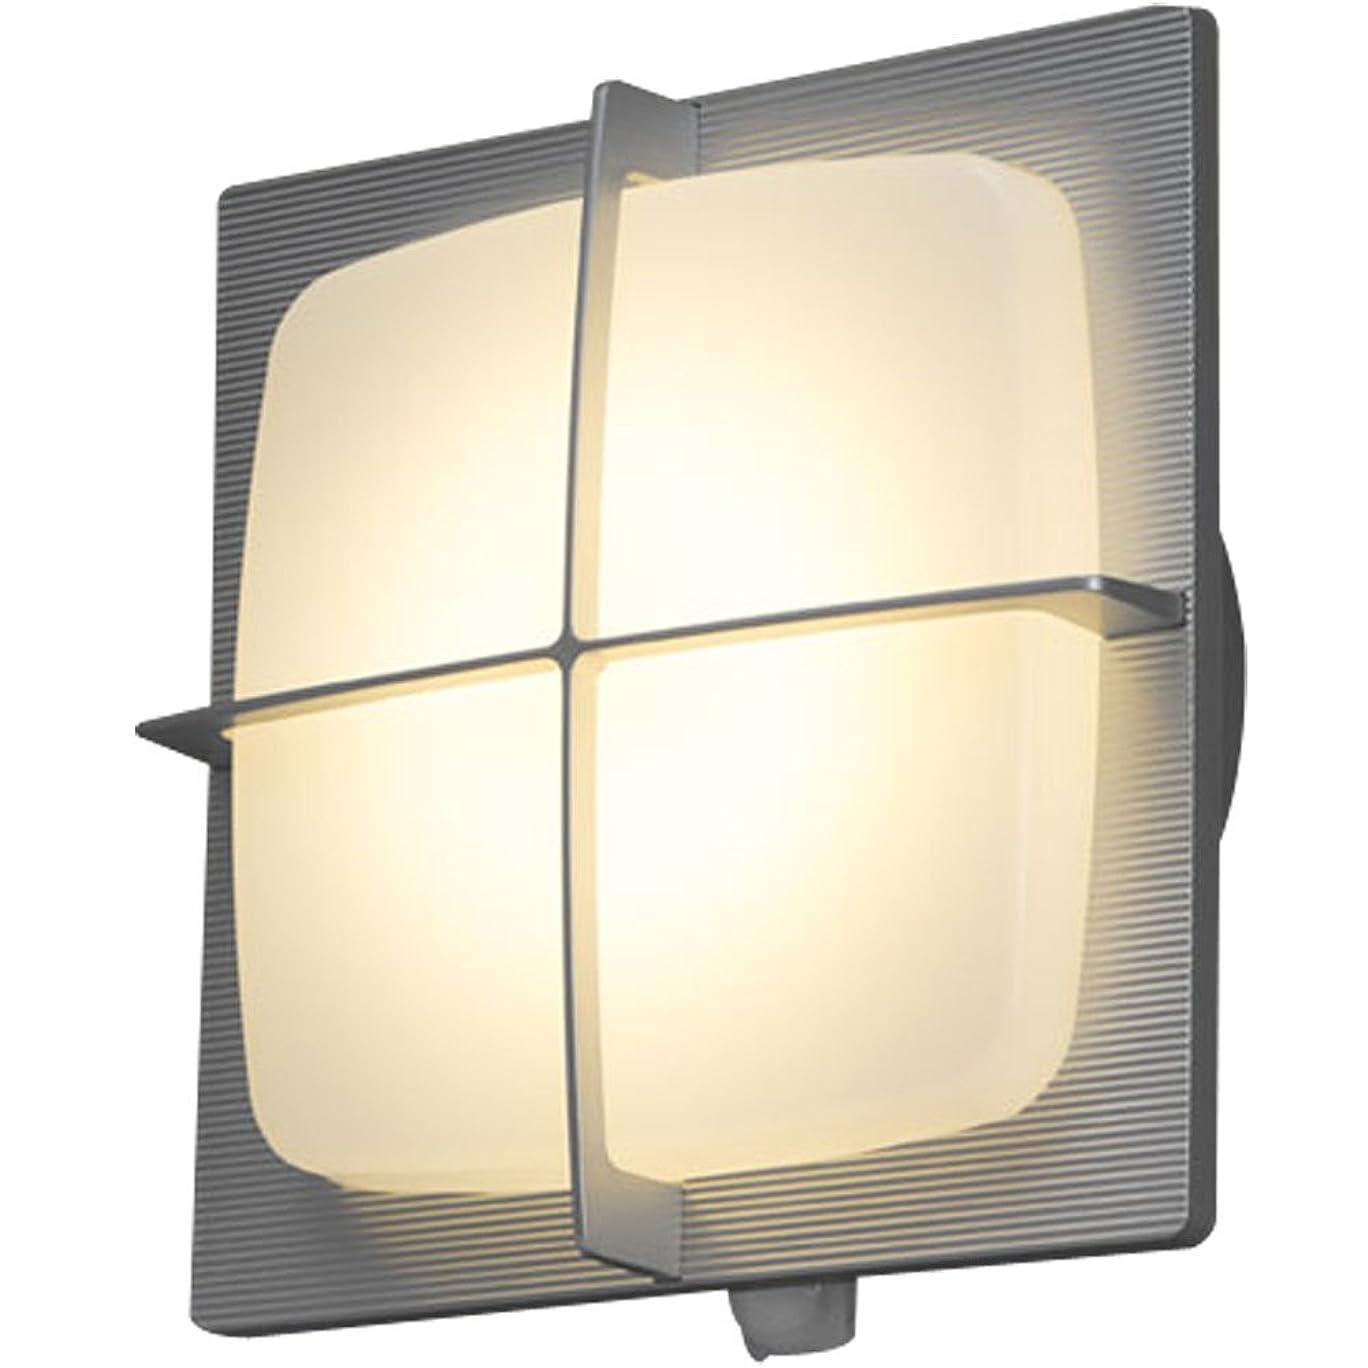 無許可勝者パノラマアイリスオーヤマ LEDポーチ灯 人感センサー付き シルバー 電気工事必要 IRBR5L-SQGRS-MSBS-P